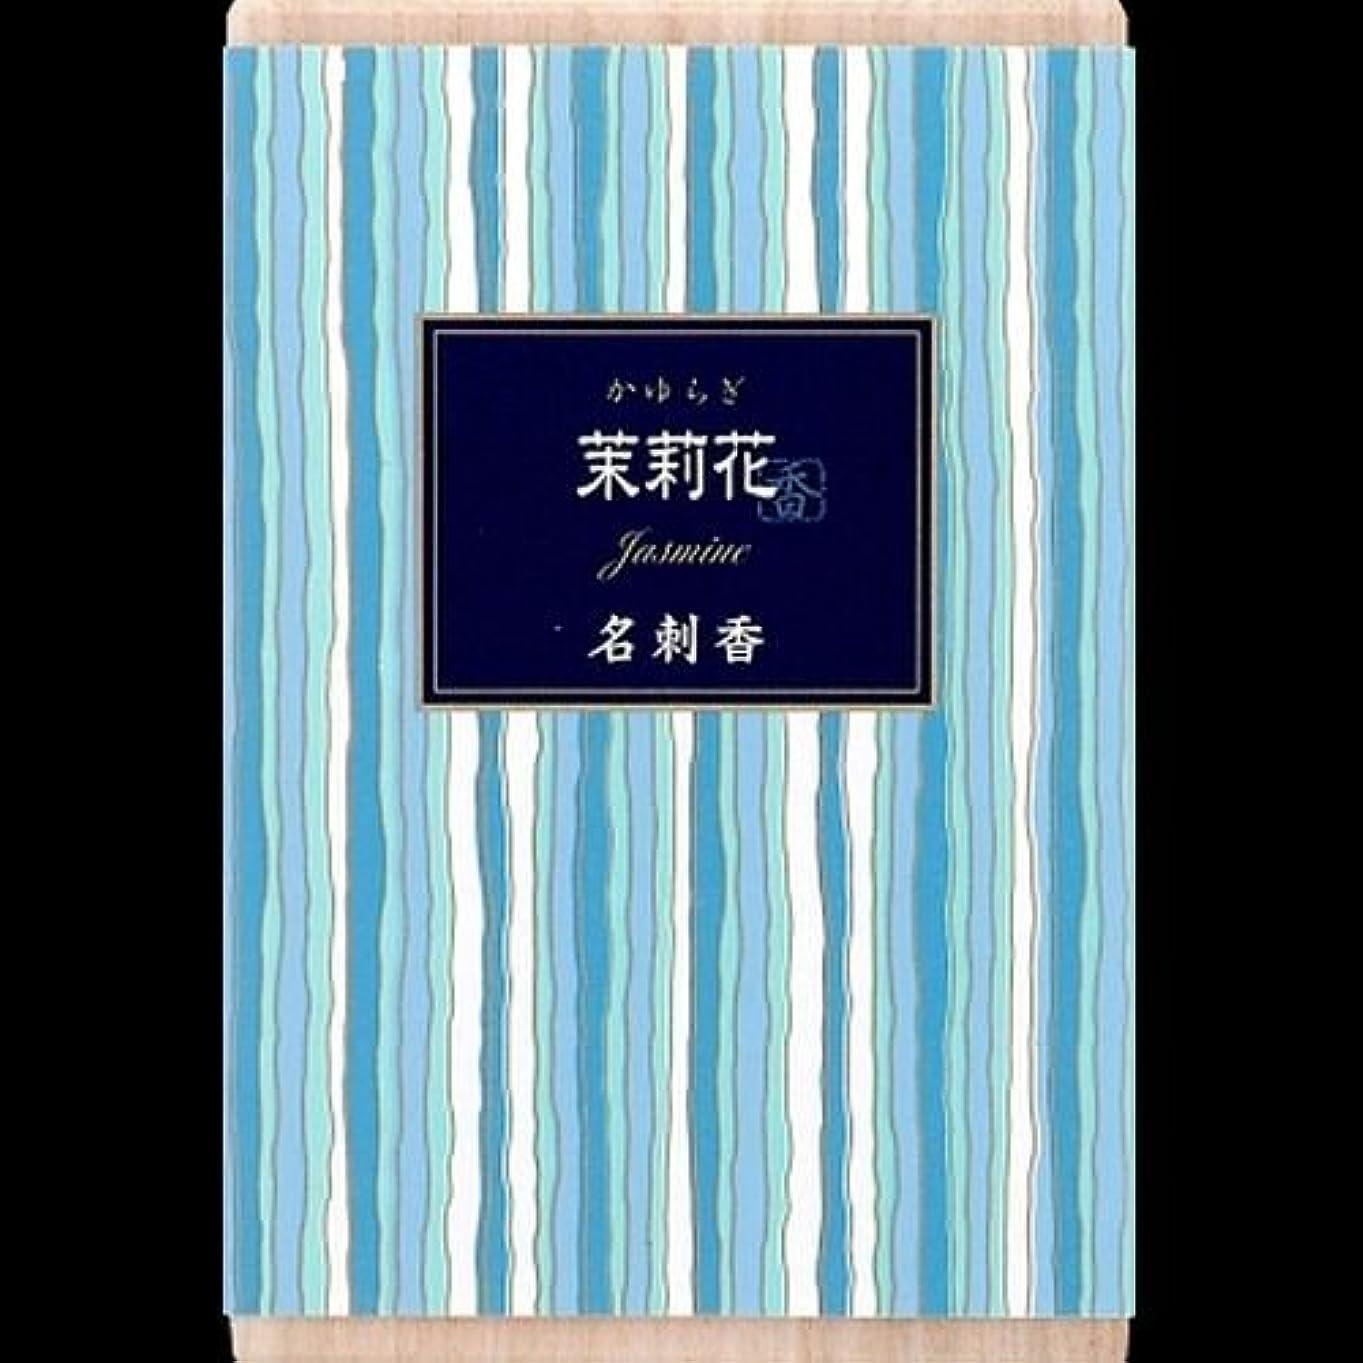 兄ぼかす読みやすさ【まとめ買い】かゆらぎ 茉莉花 名刺香 桐箱 6入 ×2セット